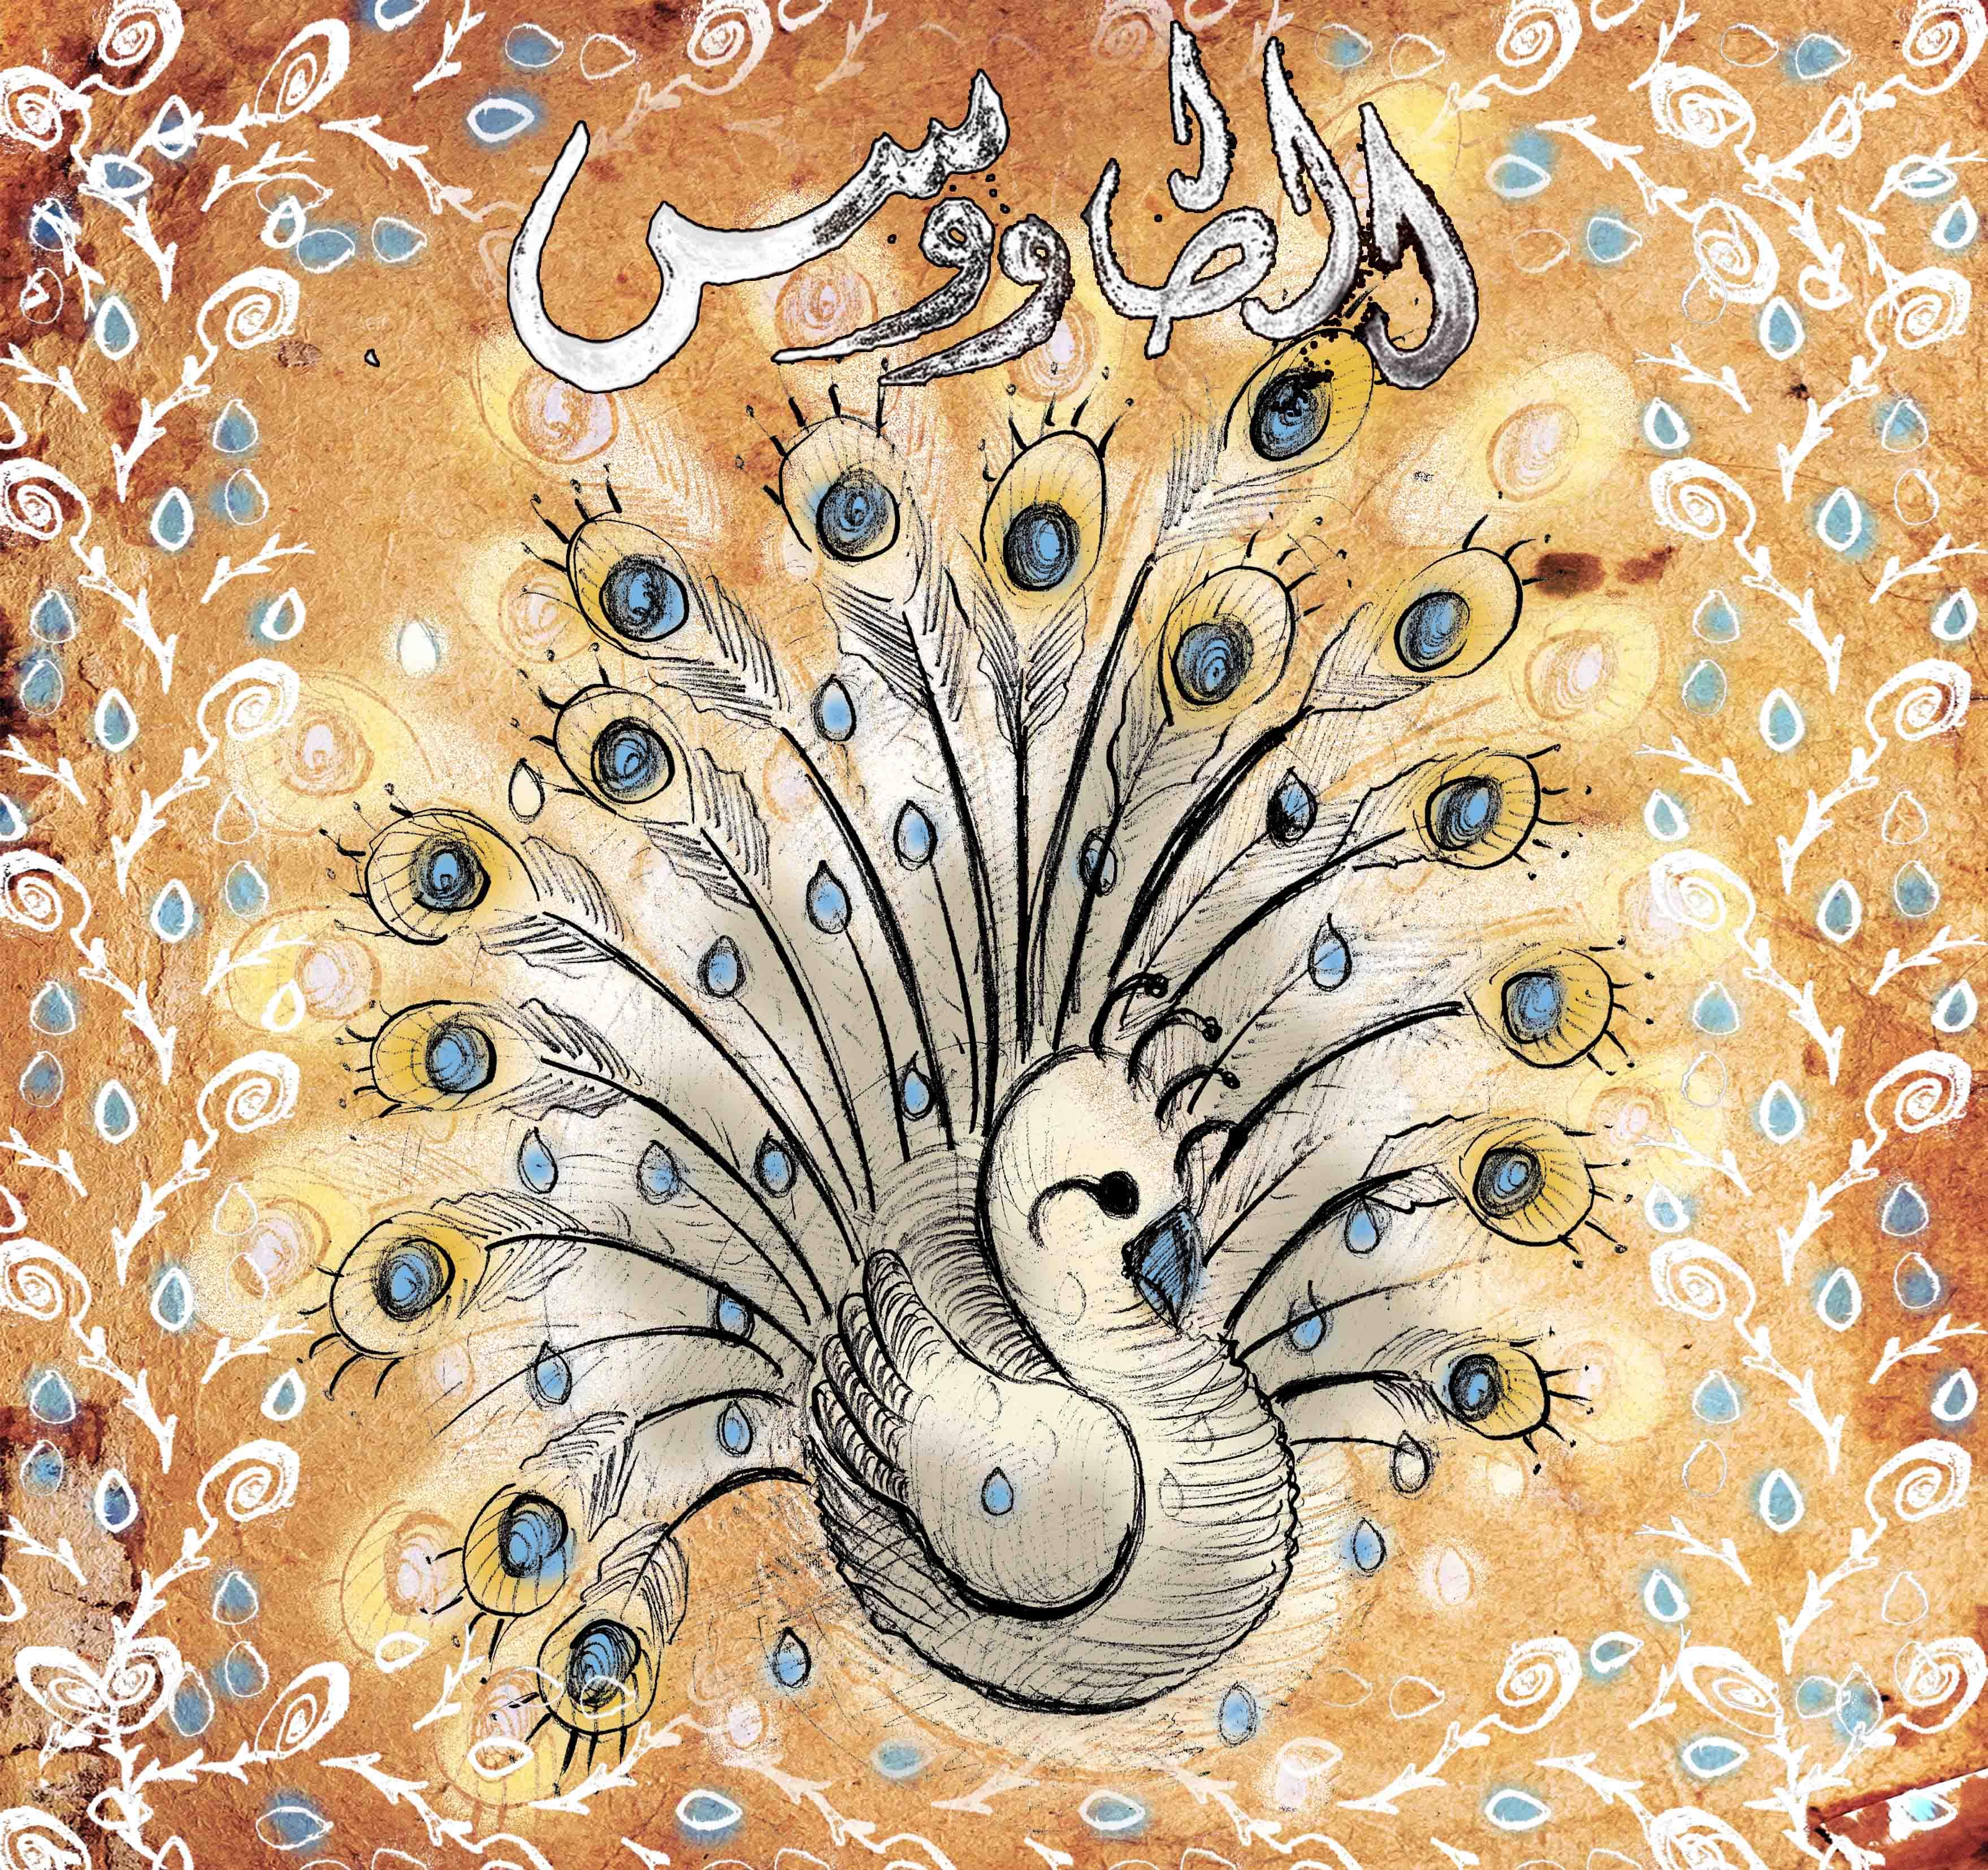 الكائنات الأسطورية في الثقافة العربية - الطاووس